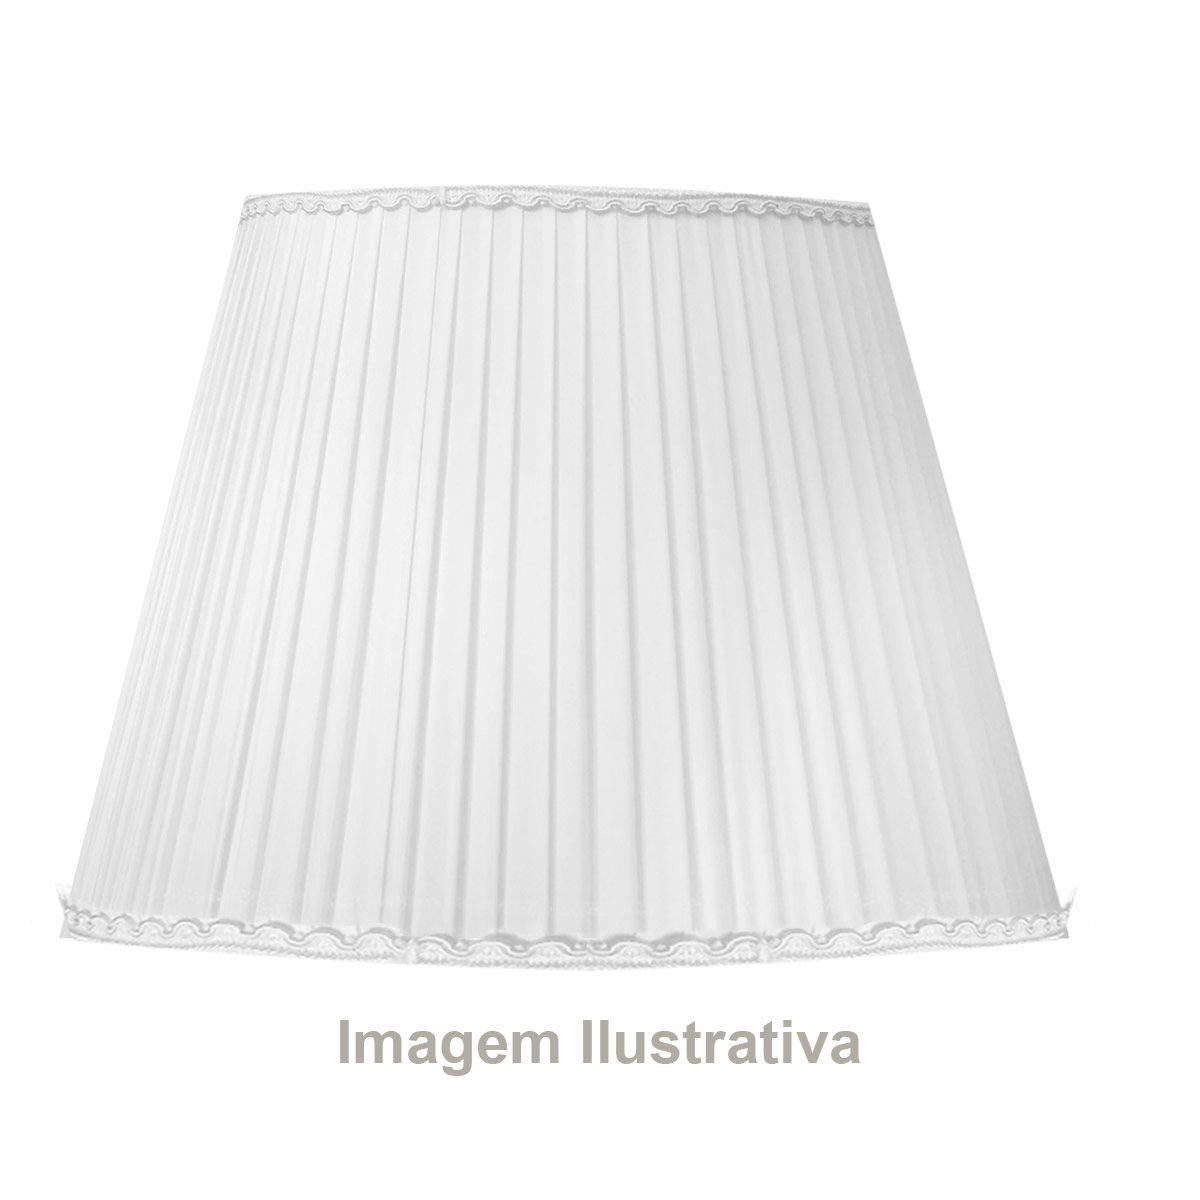 Abajur de Mesa em Cristal 512 47 cm com Cúpula Branca